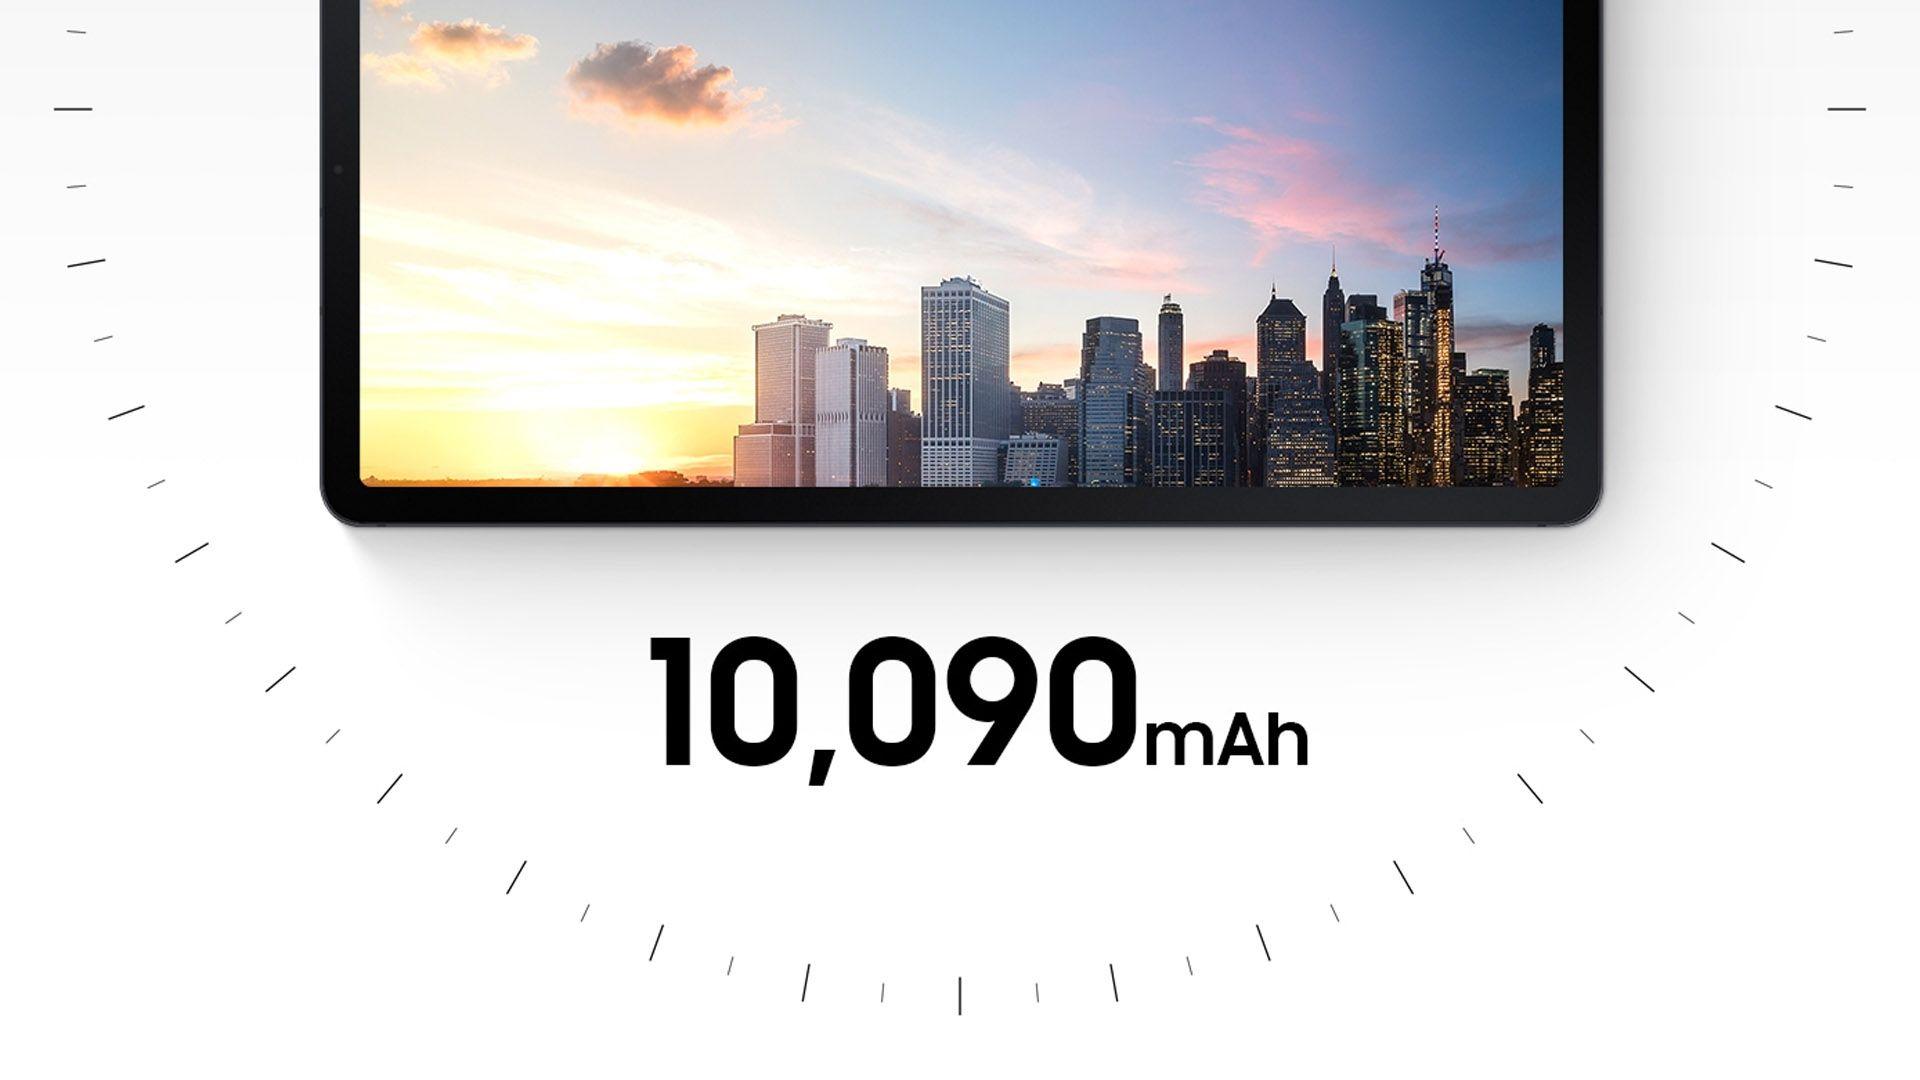 Samsung Galaxy S7 FE com medidor de bateria em fundo branco